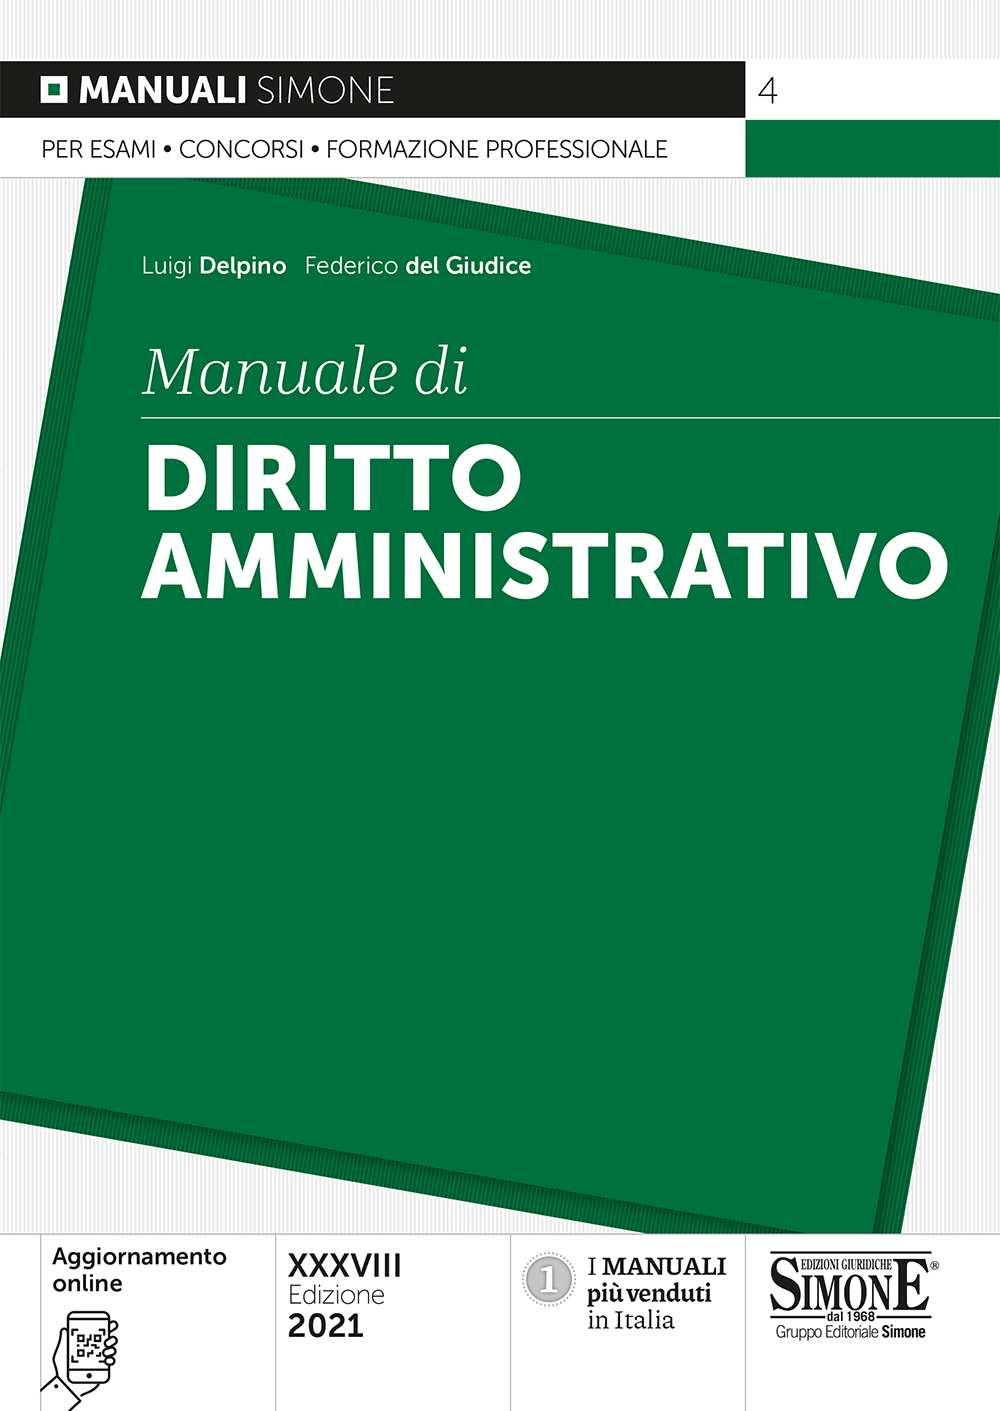 Manuale di Diritto Amministrativo 2021